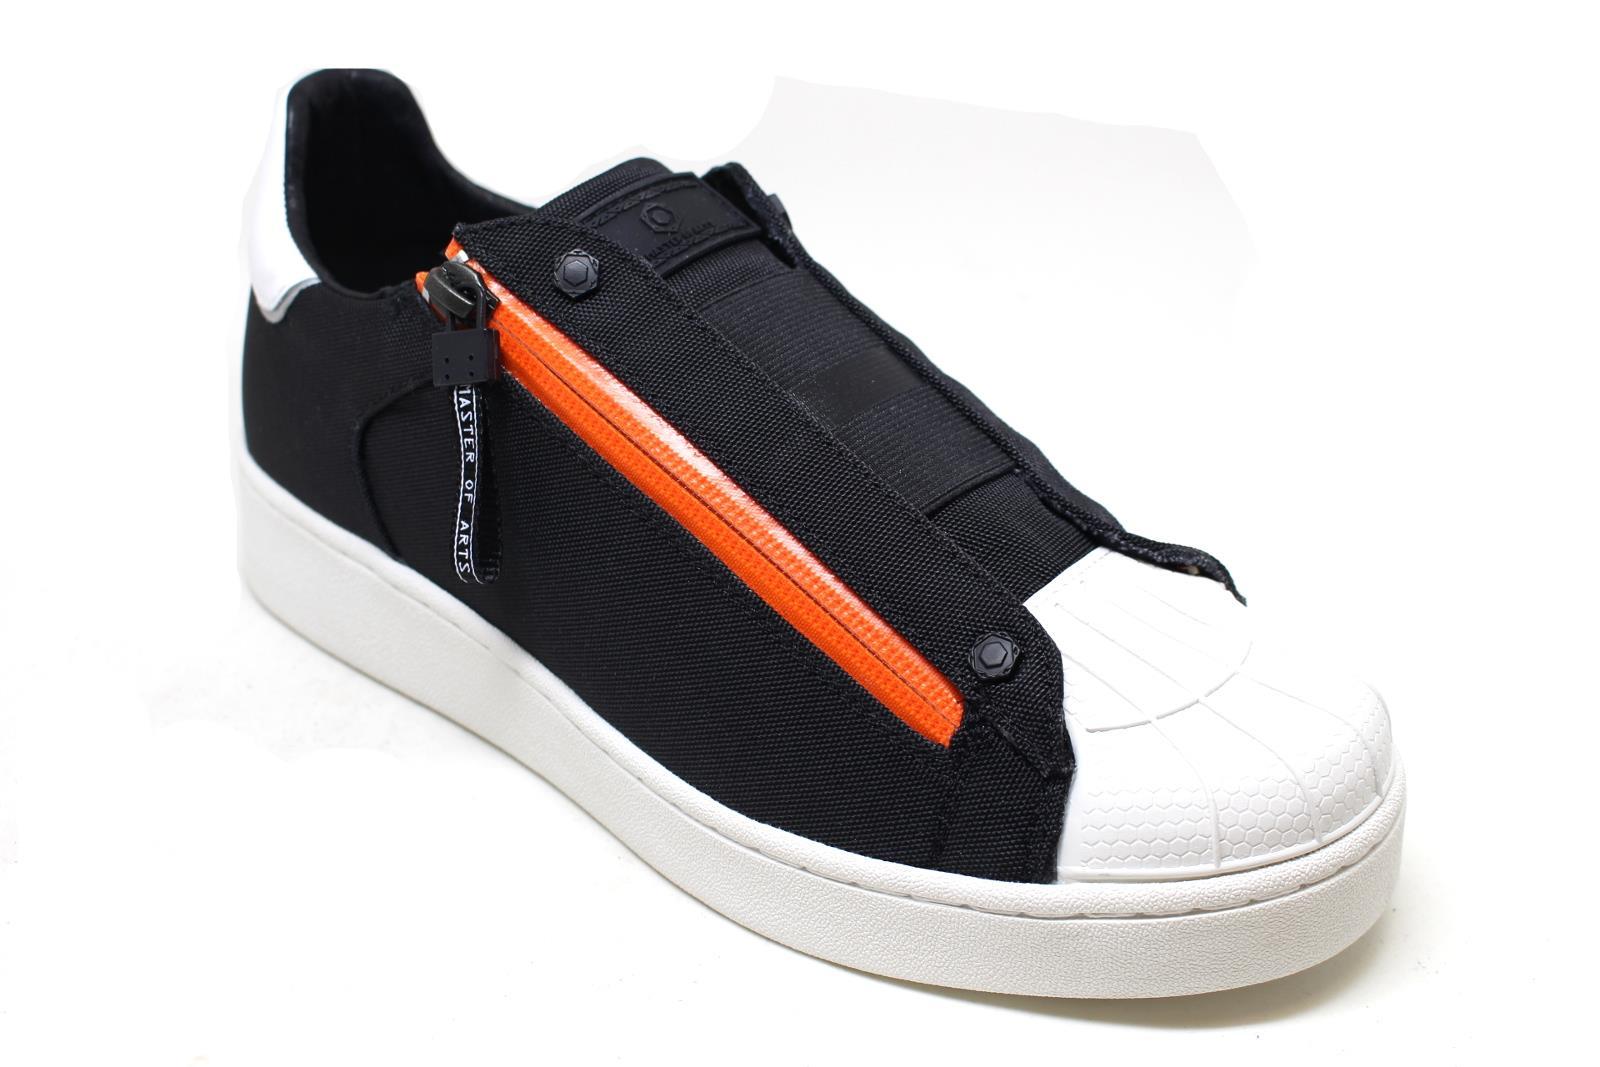 M.o.a. Sneaker m719 breaker  6a02ee3ebea